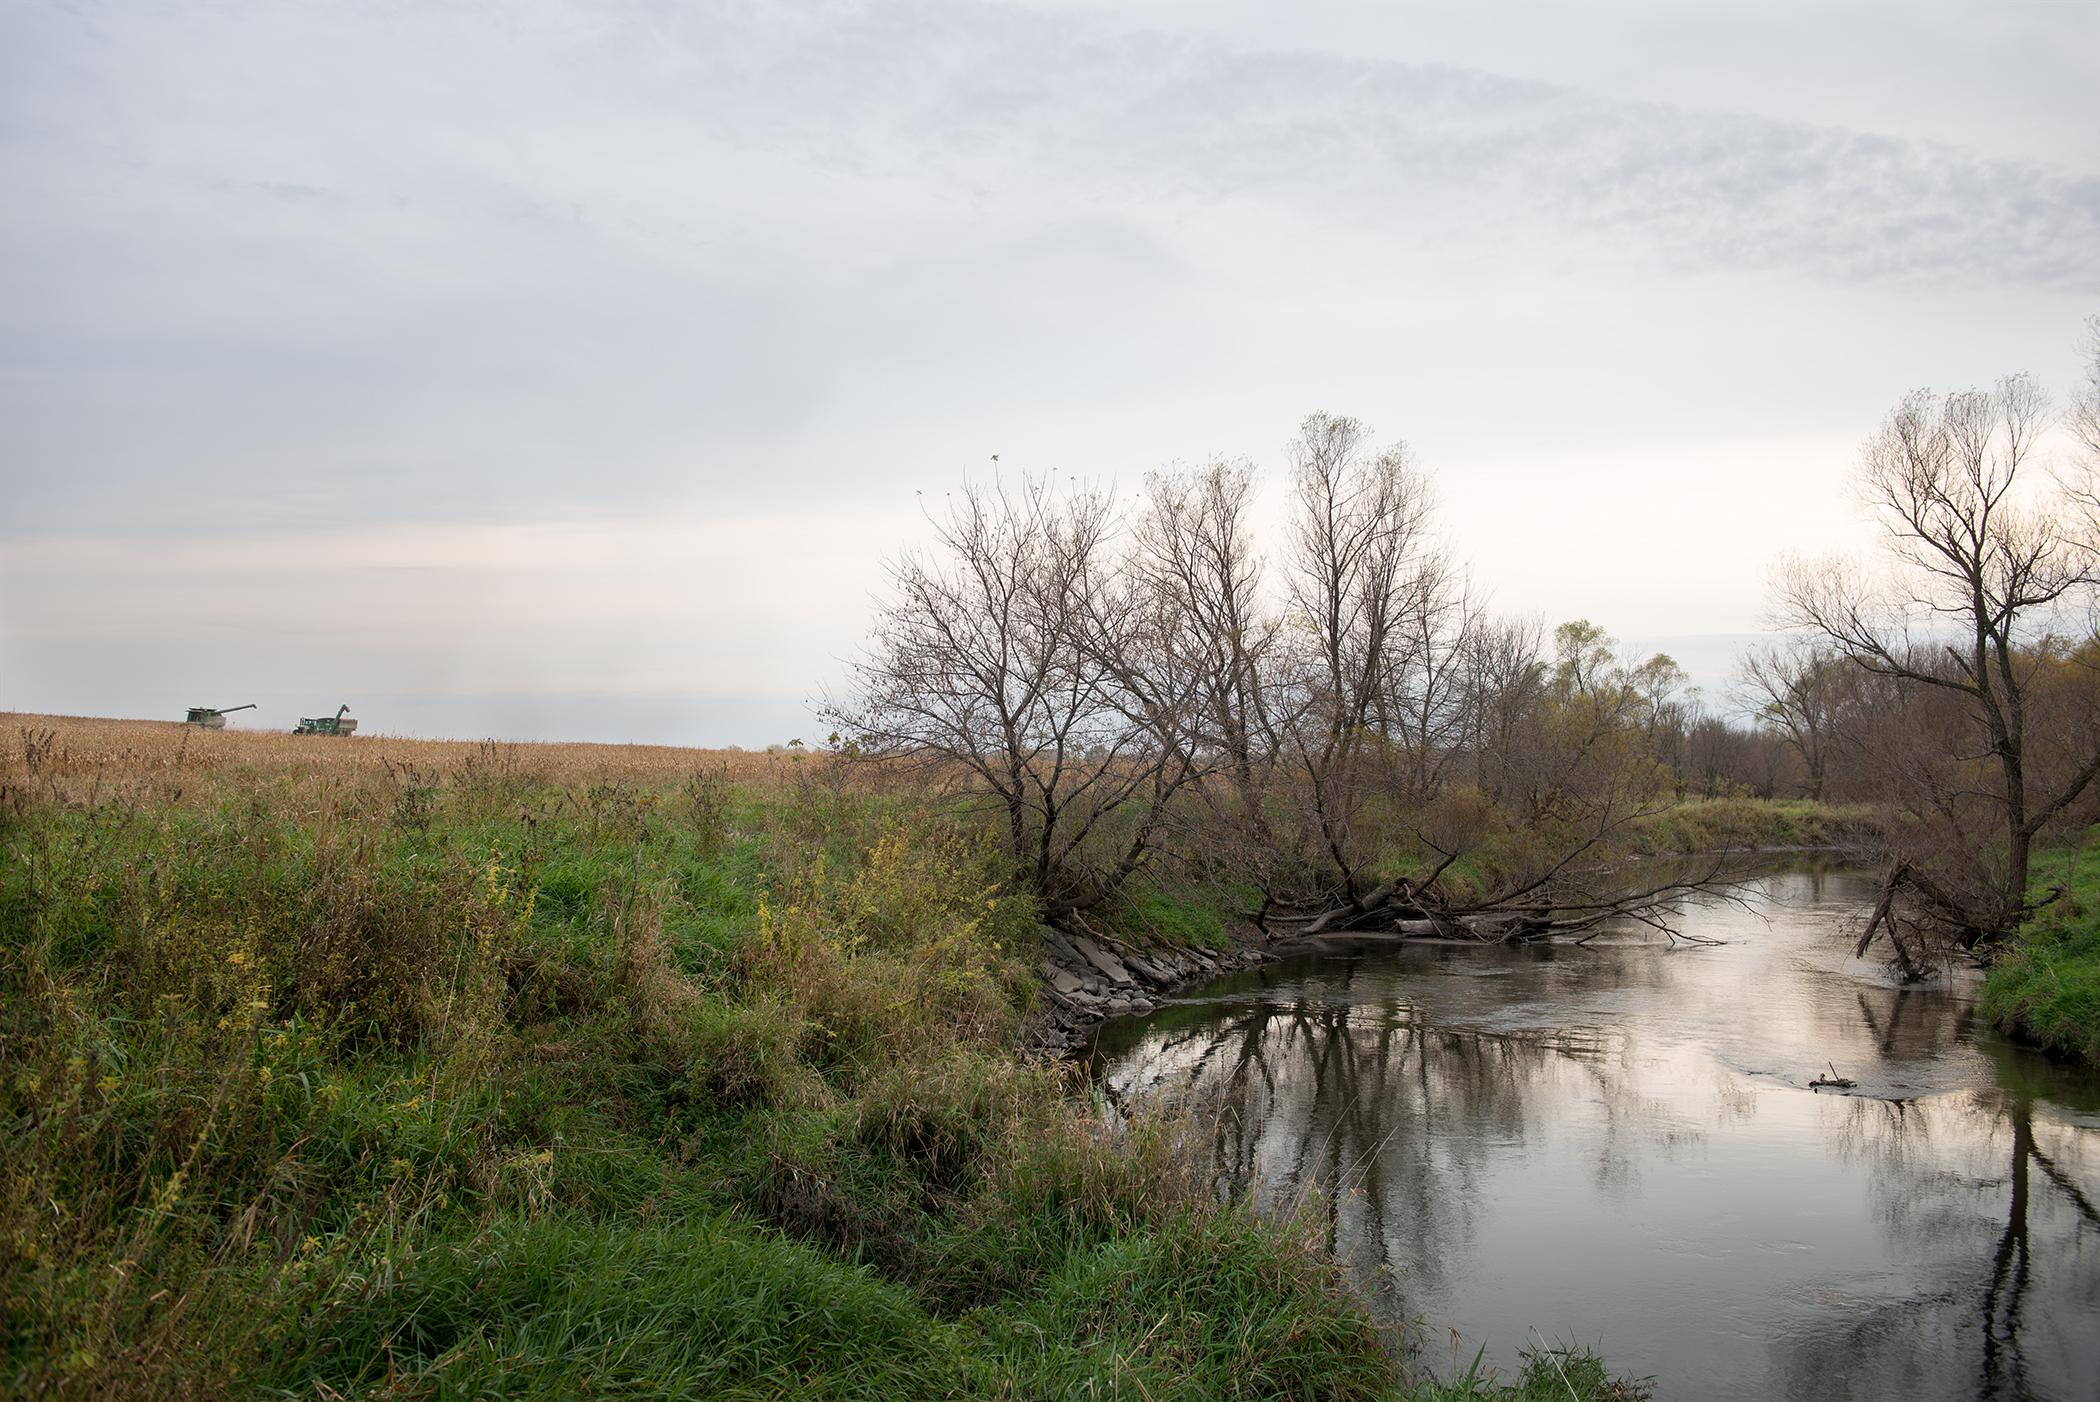 East fork, Iowa River 2015